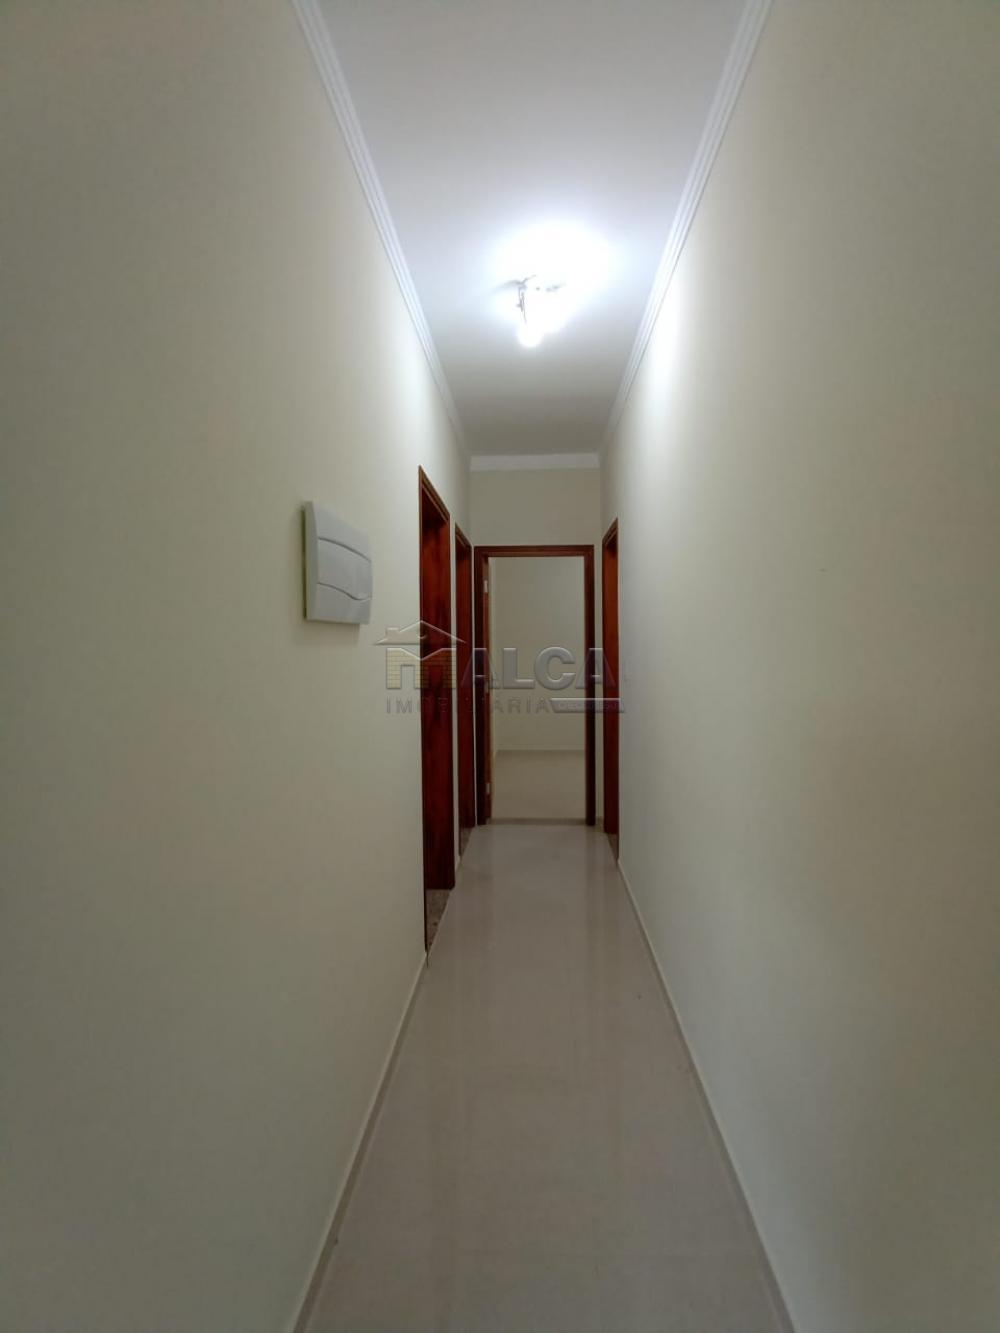 Alugar Casas / Padrão em São José do Rio Pardo apenas R$ 1.800,00 - Foto 9